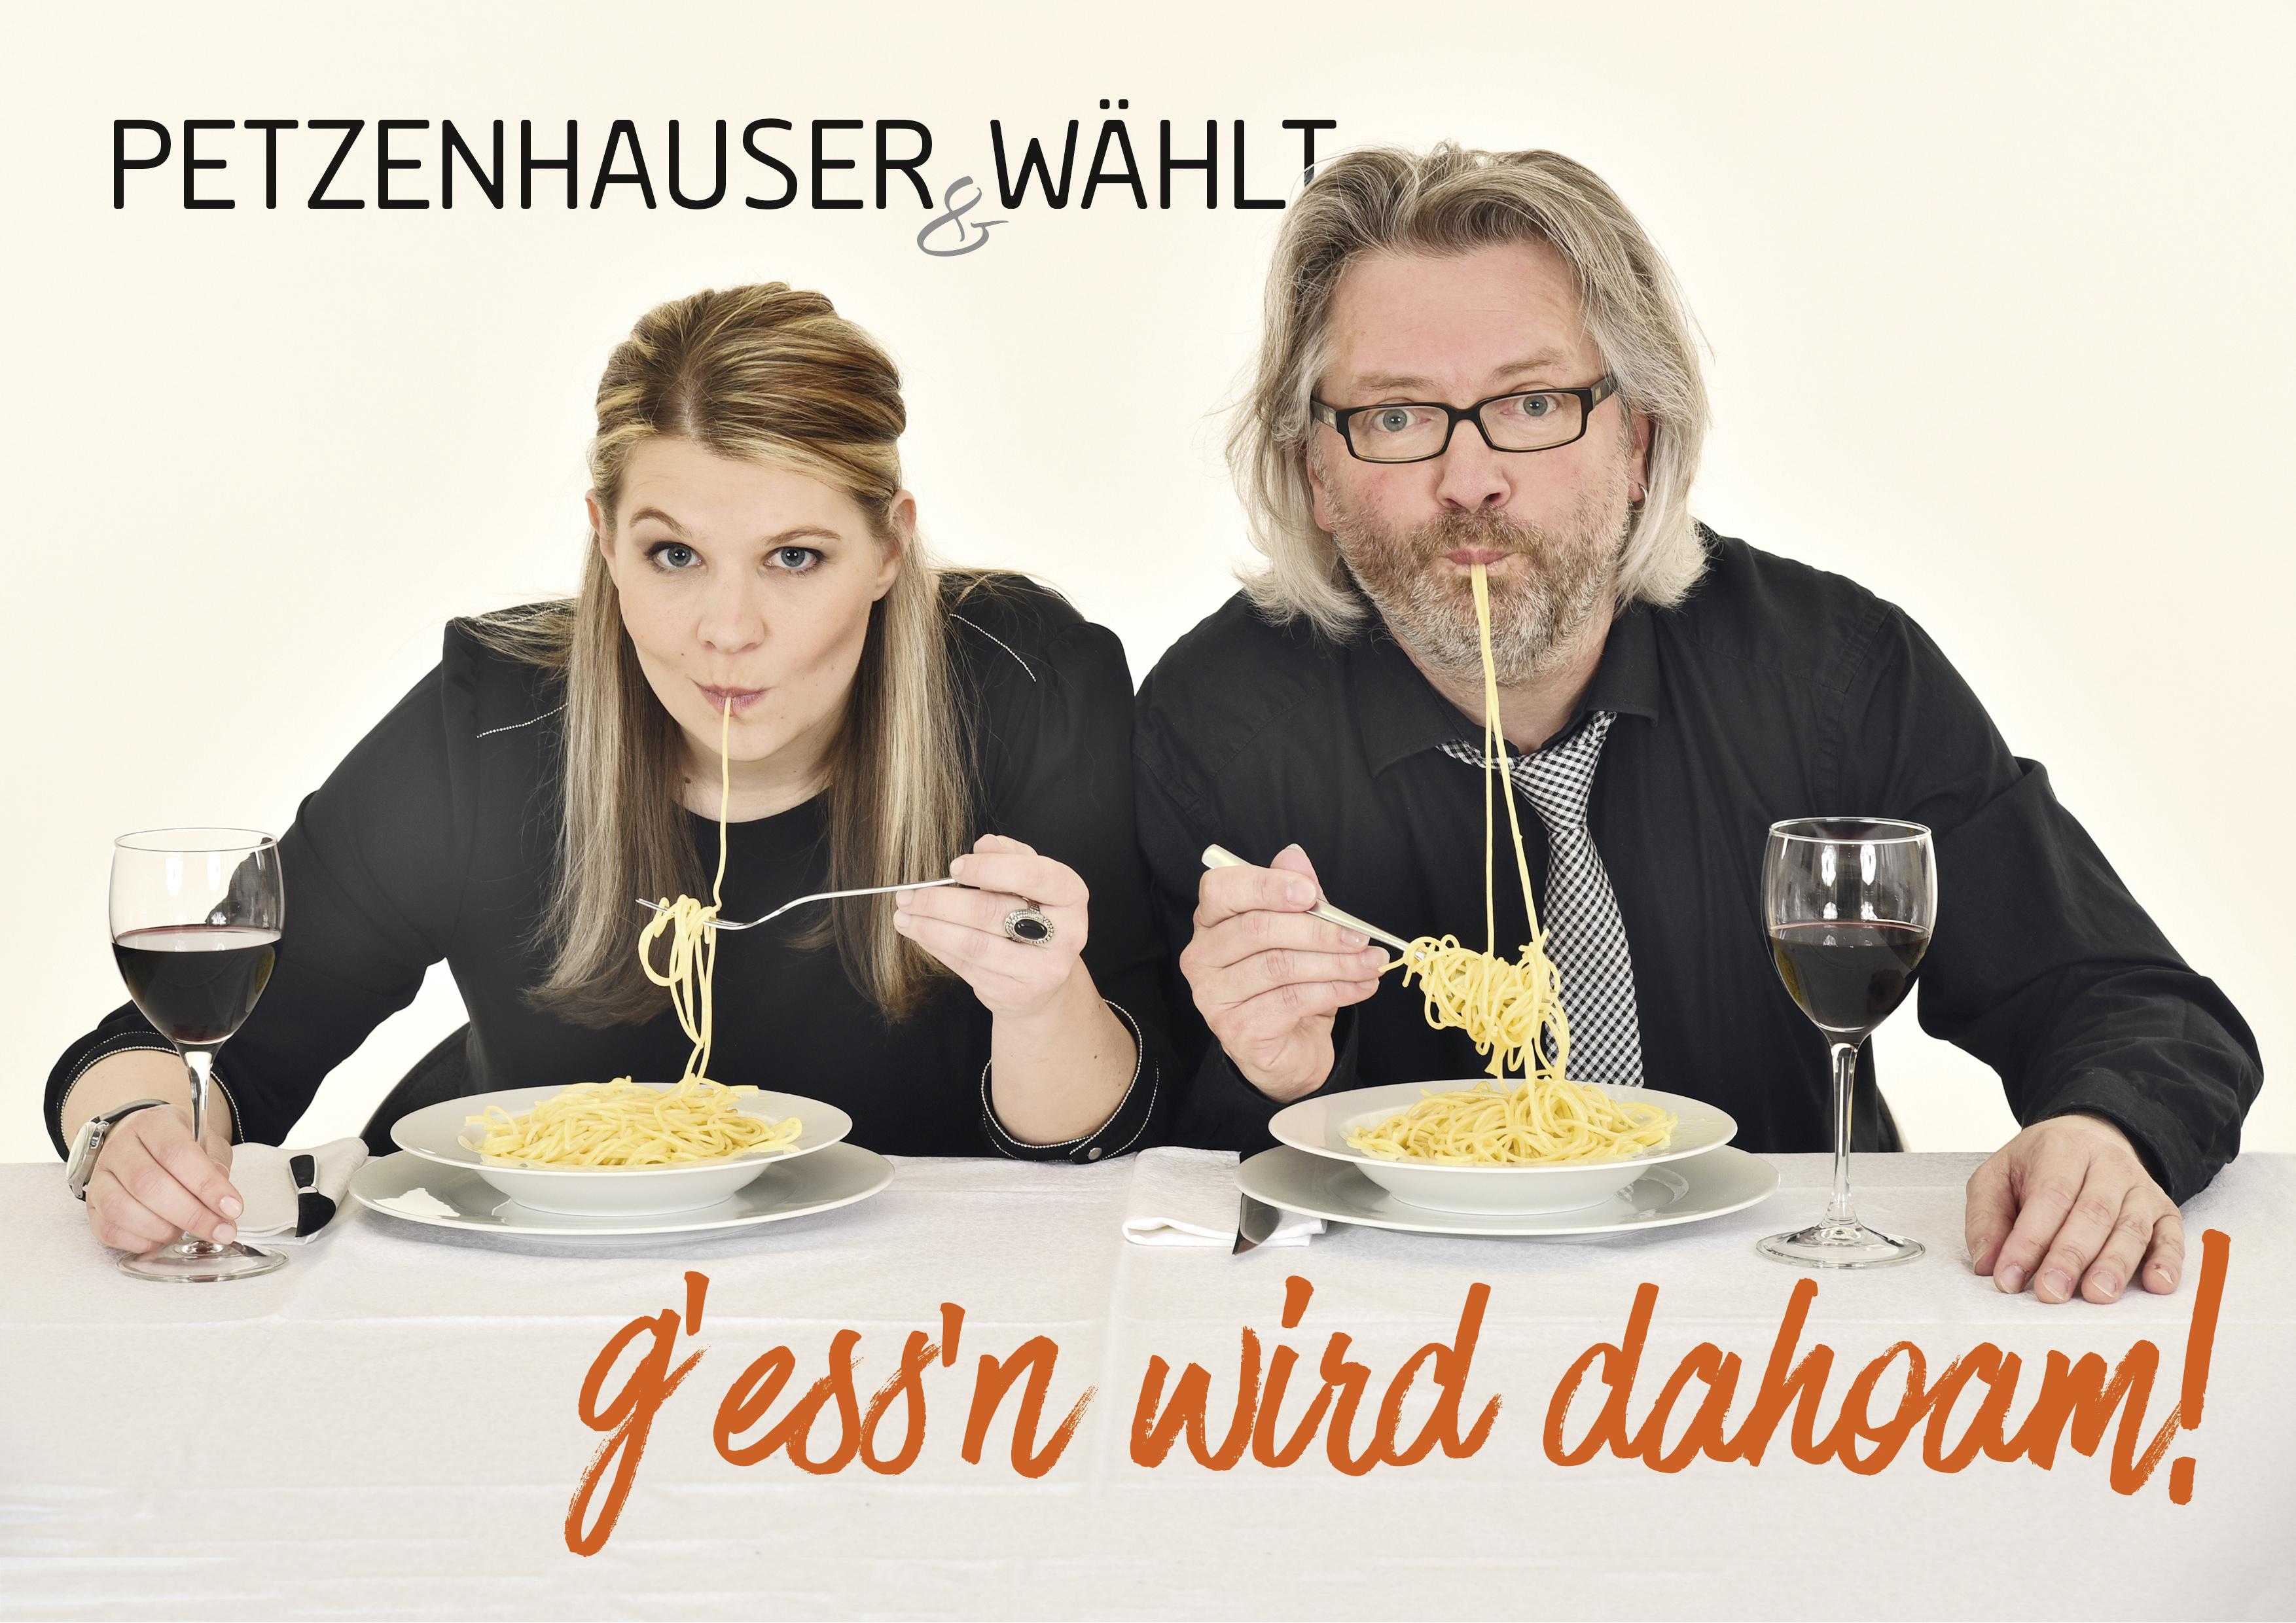 Petzenhauser_Wählt